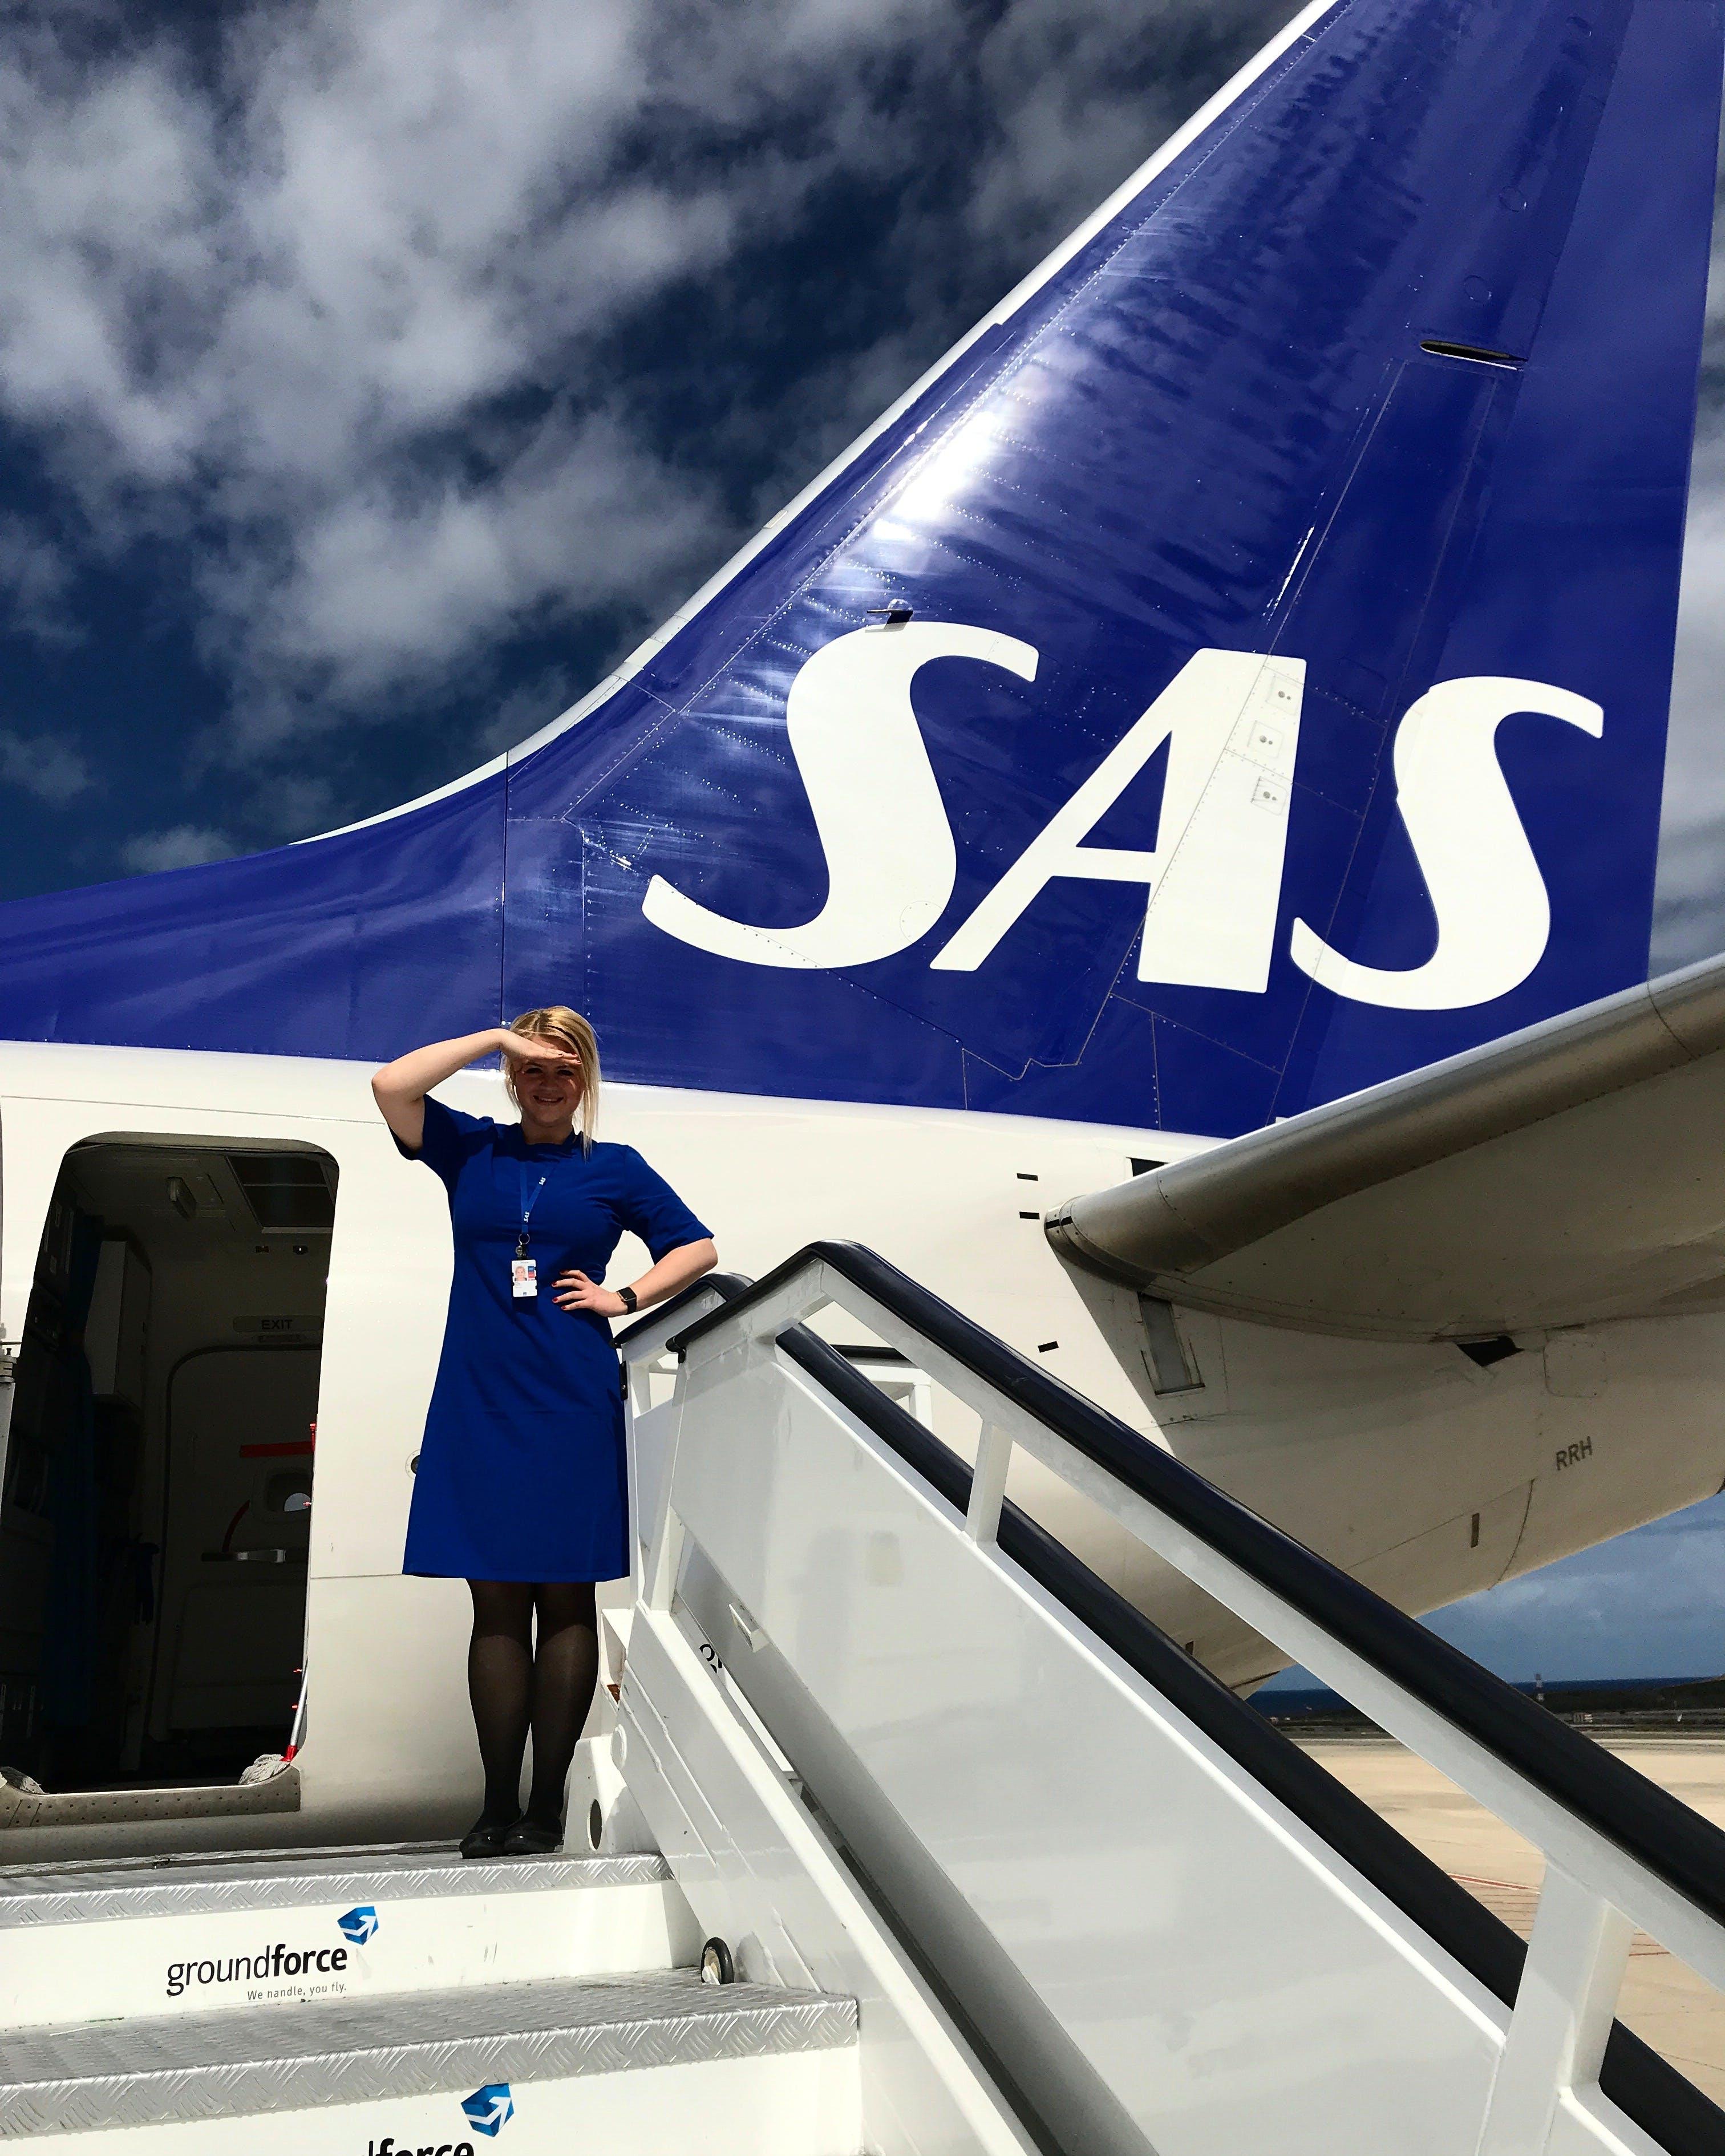 Bilde nr 2 av Flying Business